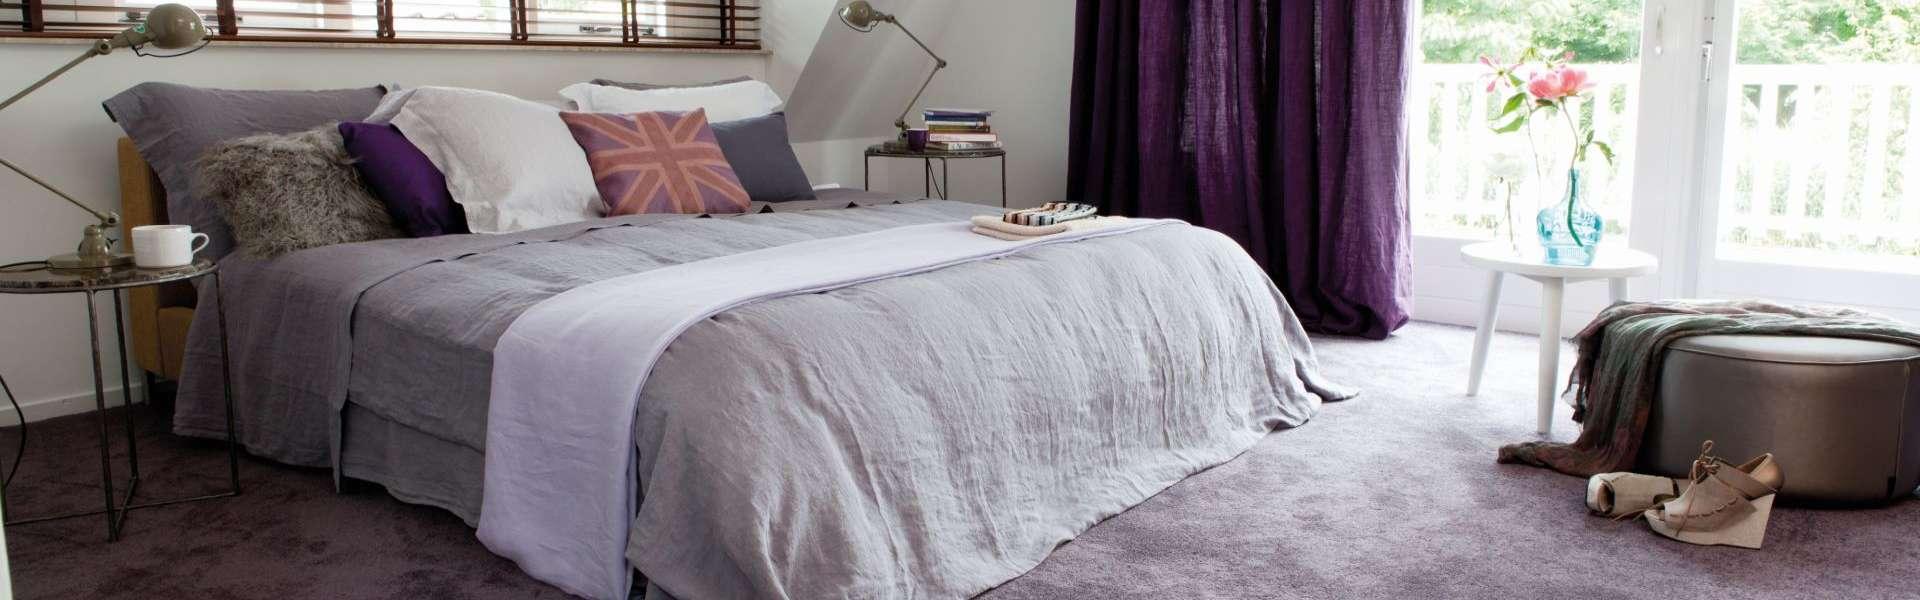 Bild Teppichboden Schlafzimmer